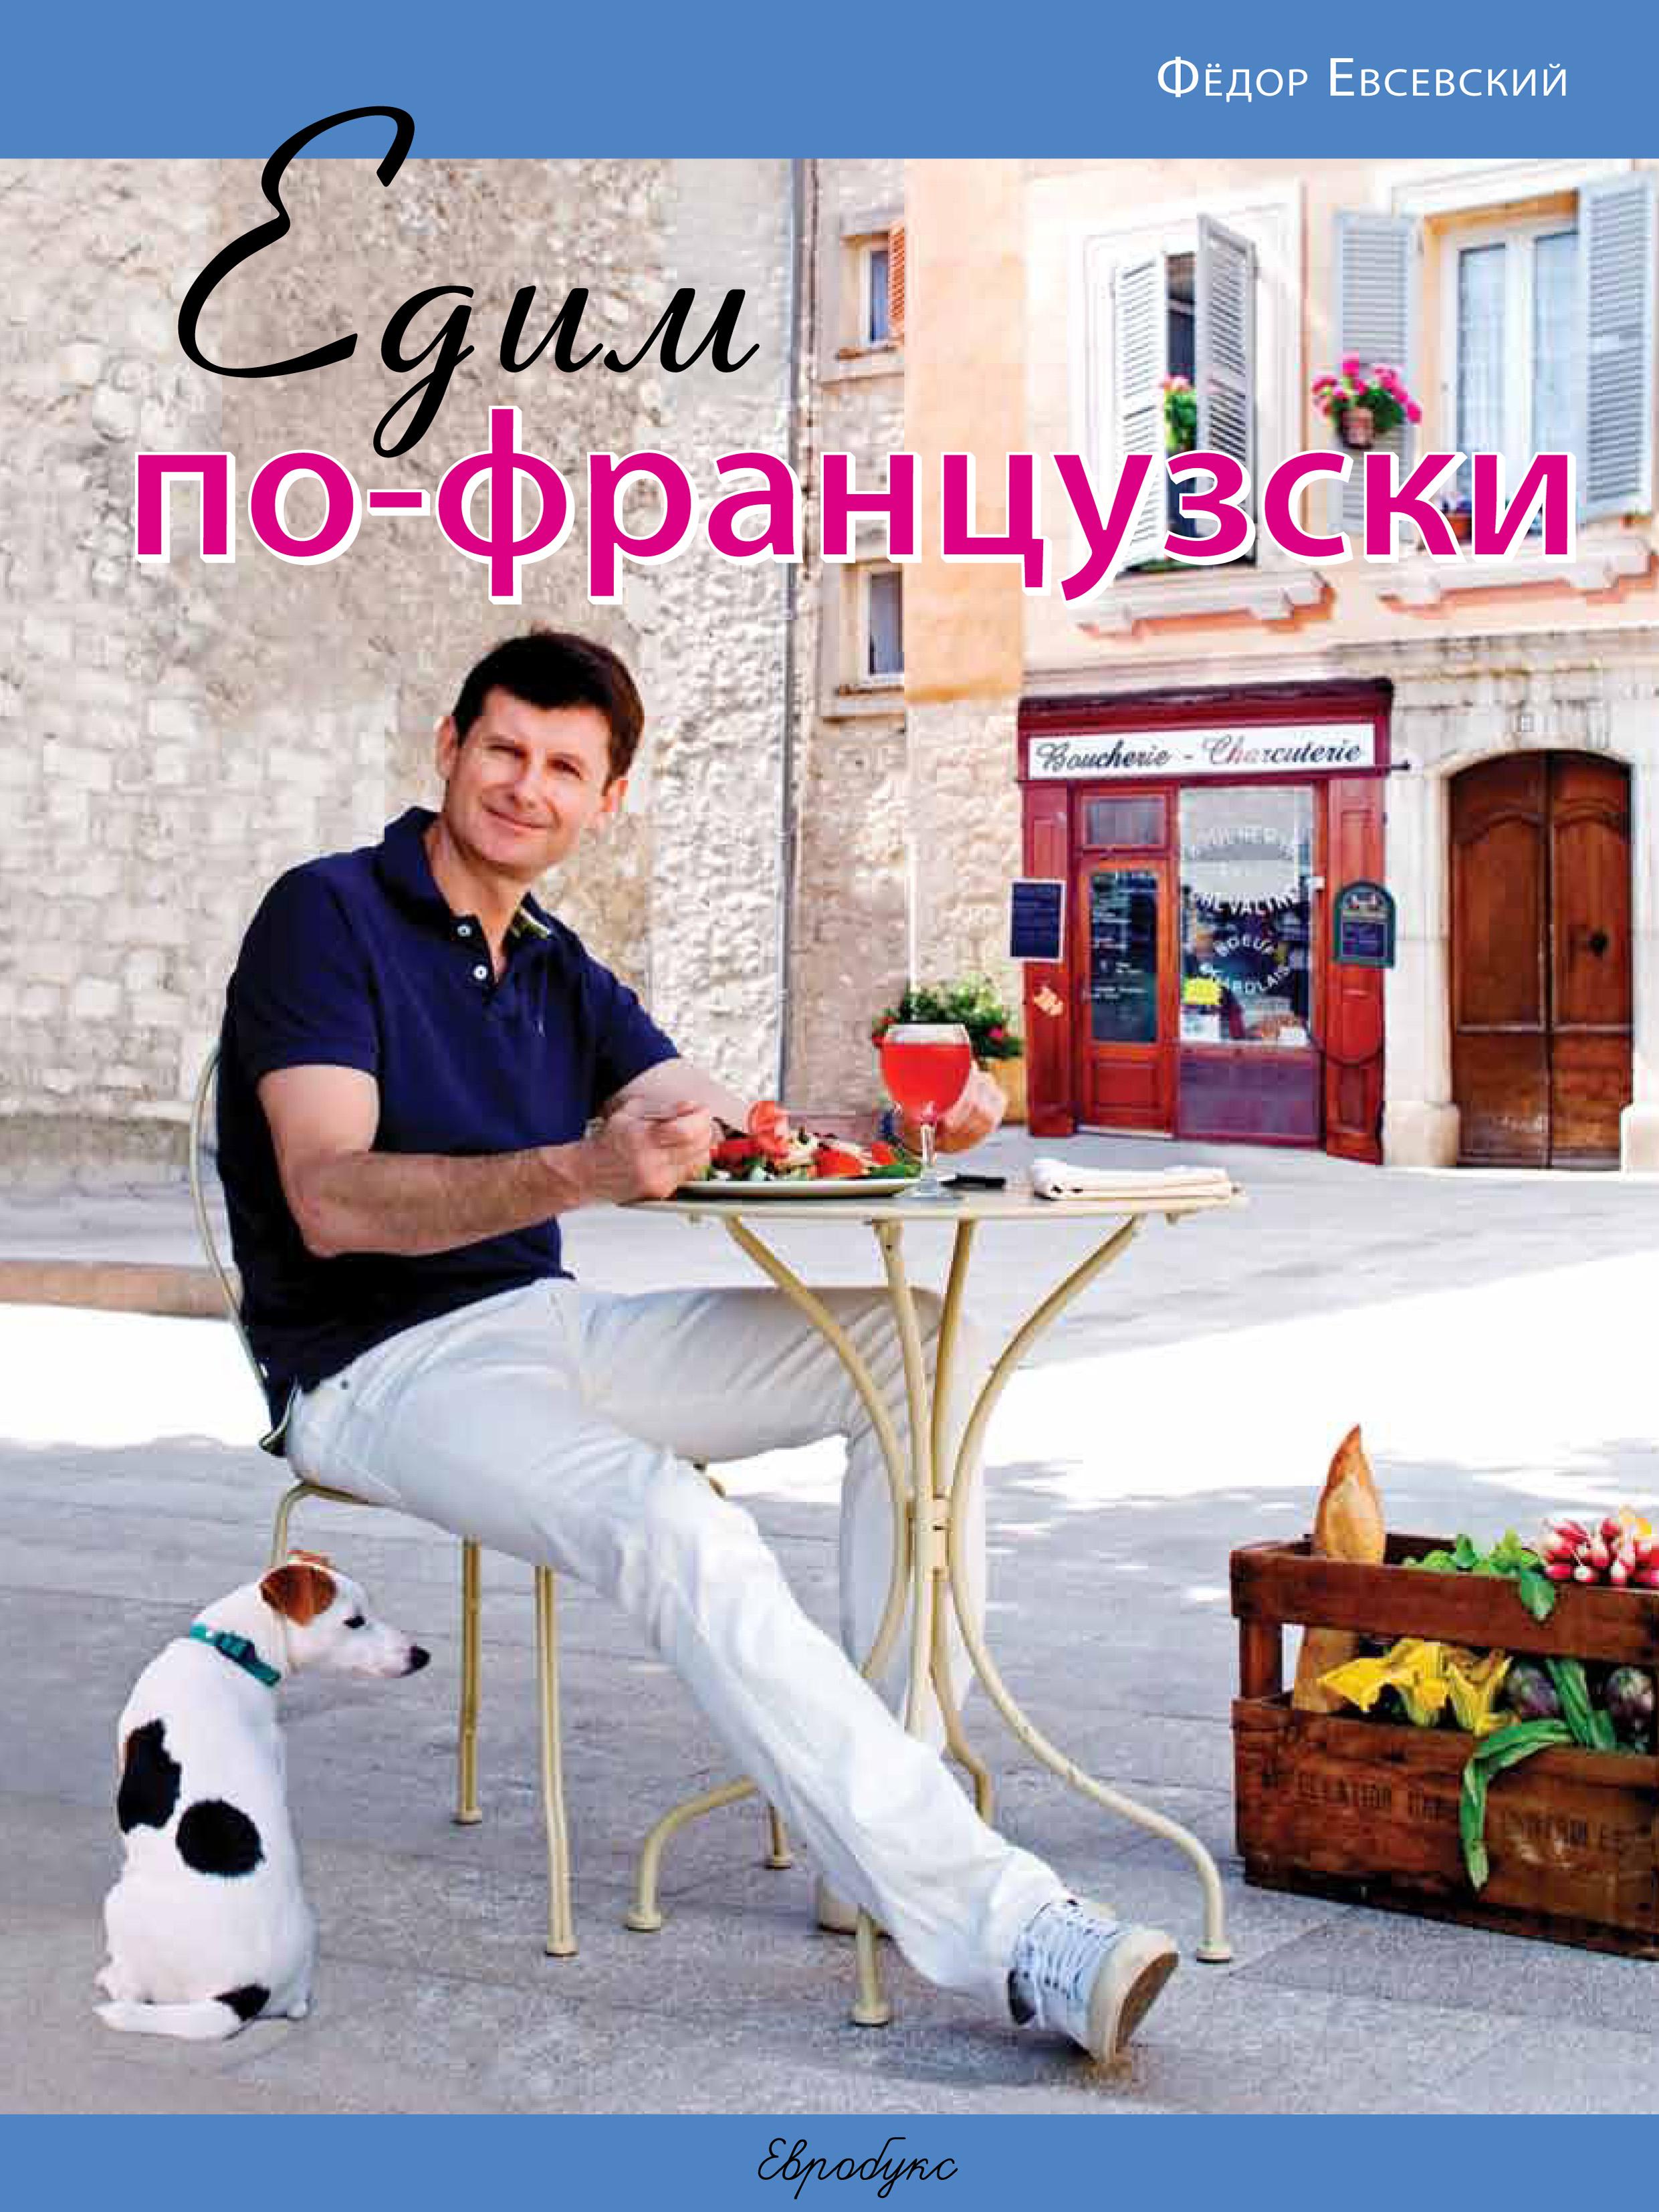 Федор Евсевский Едим по-французски